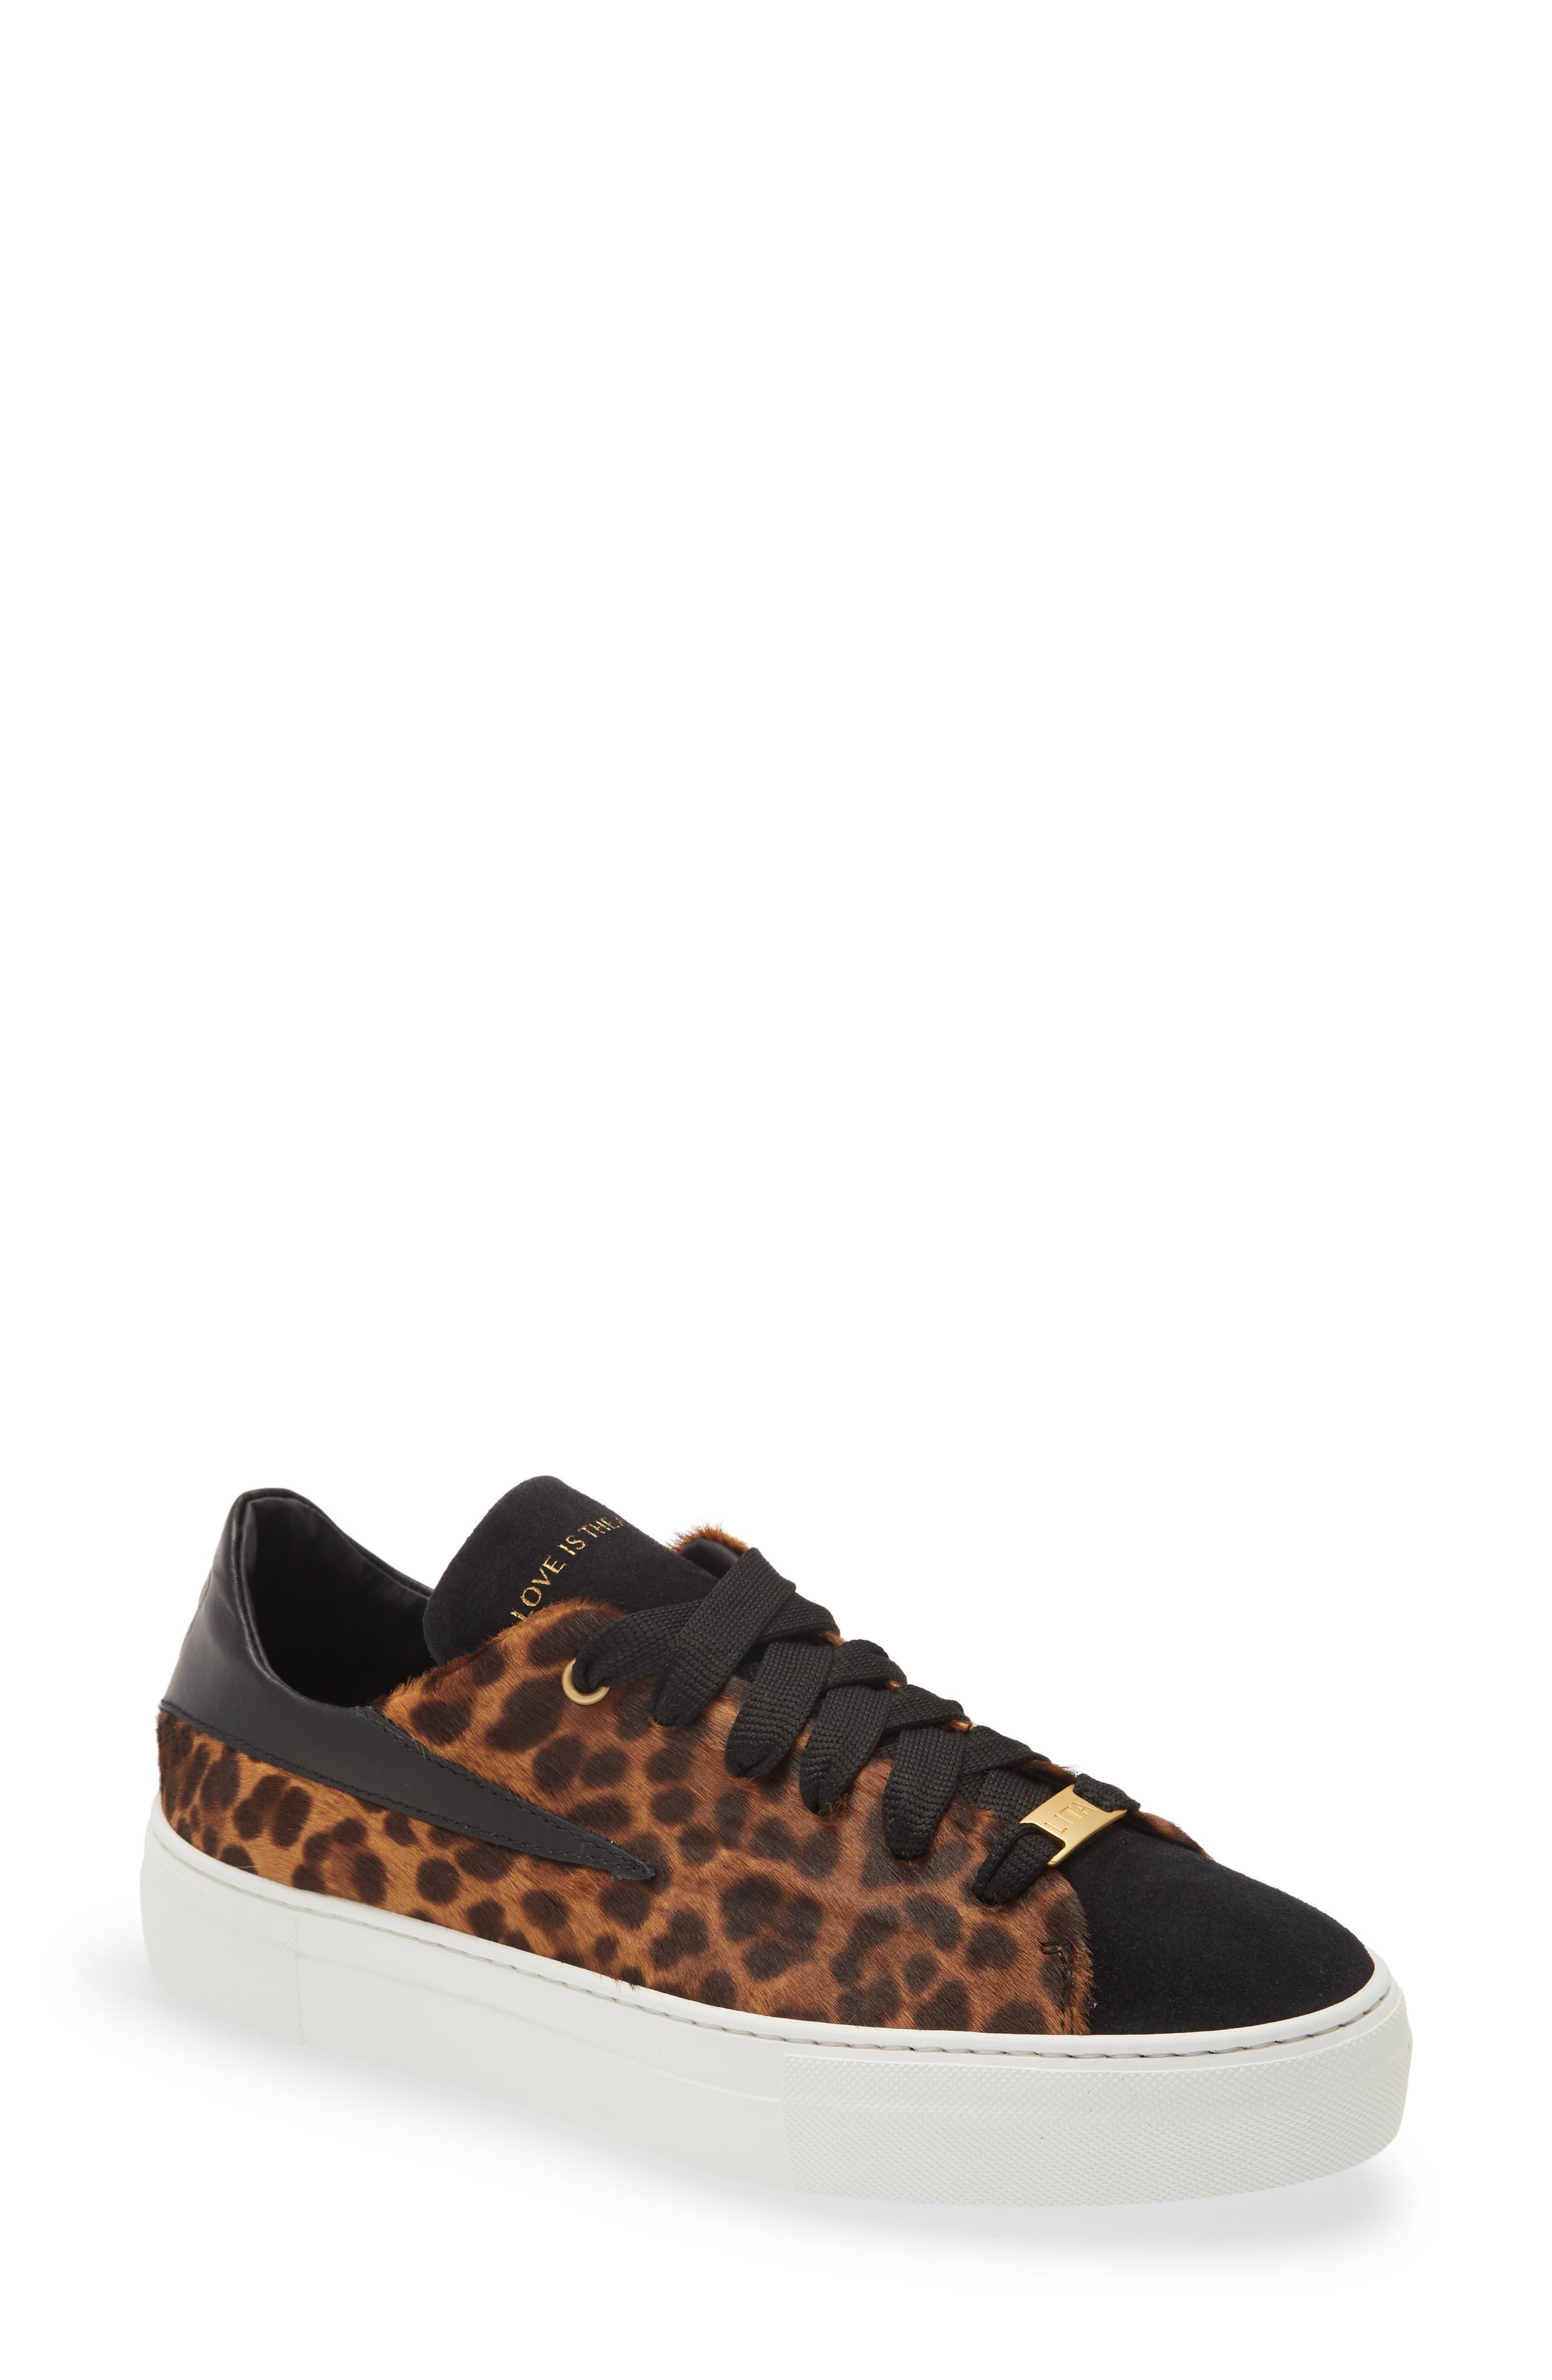 Fang Genuine Calf Hair Low Top Sneaker